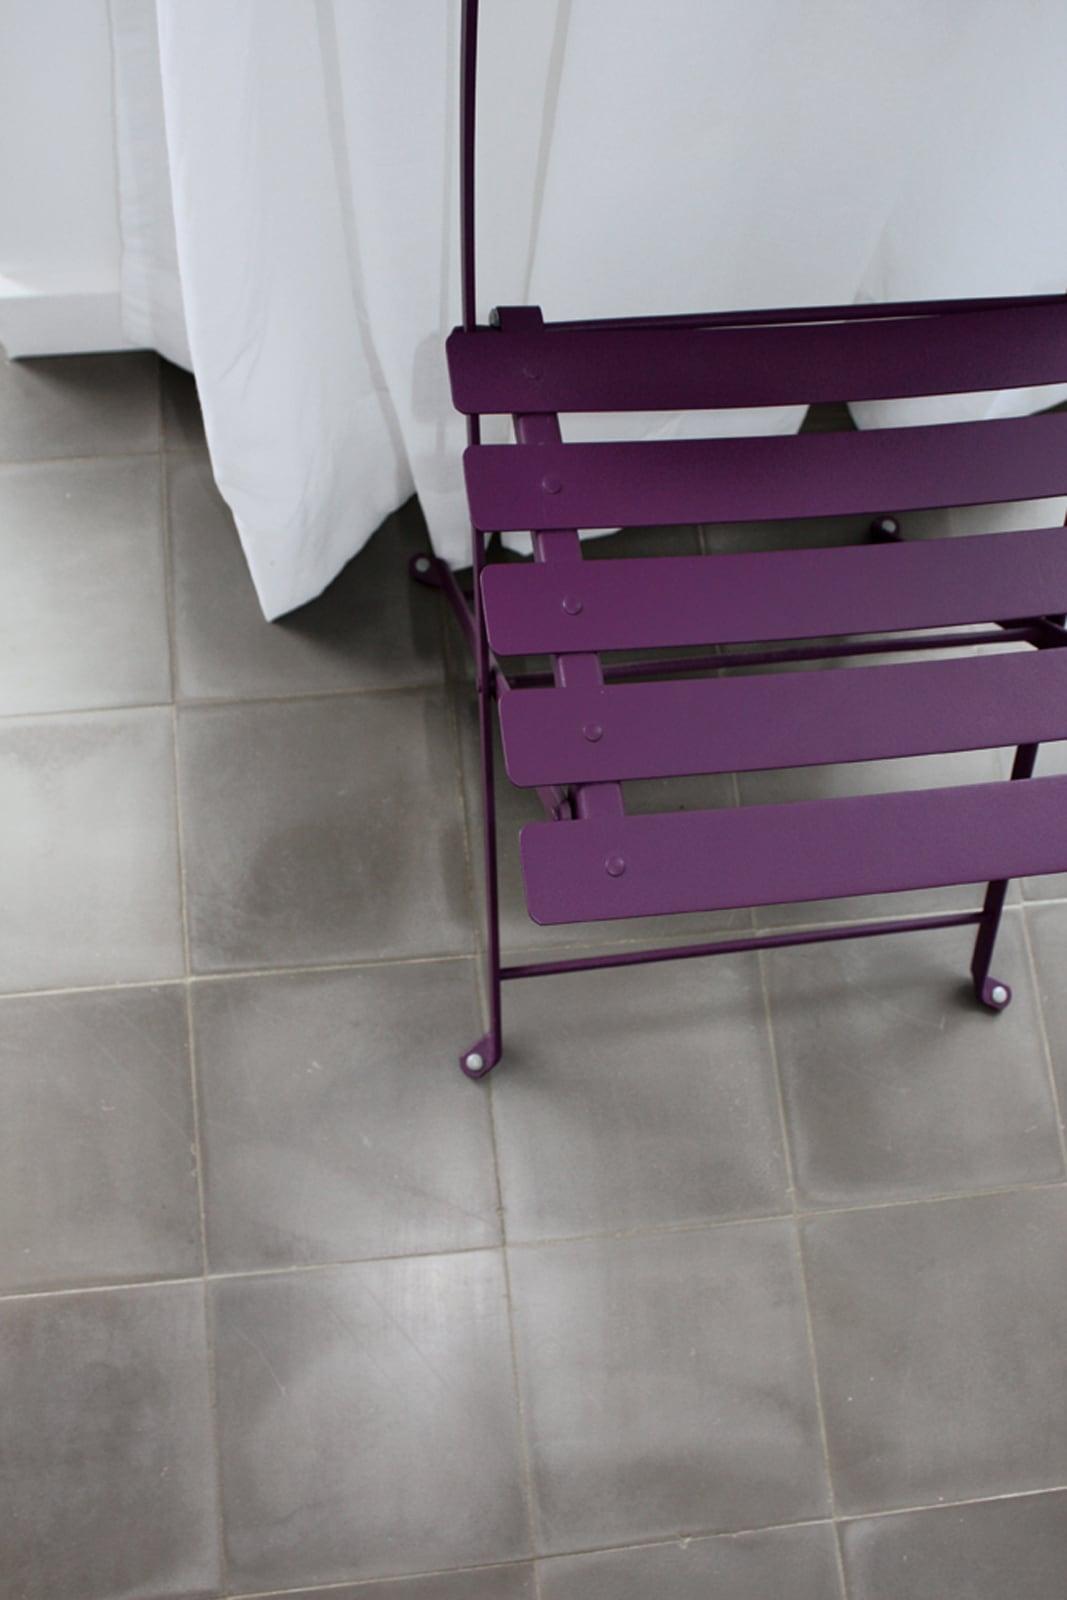 zementfliesen-terrazzofliesen-kreidefarbe-terrazzo-fugenlos-viaplatten-54-vorhang | 54